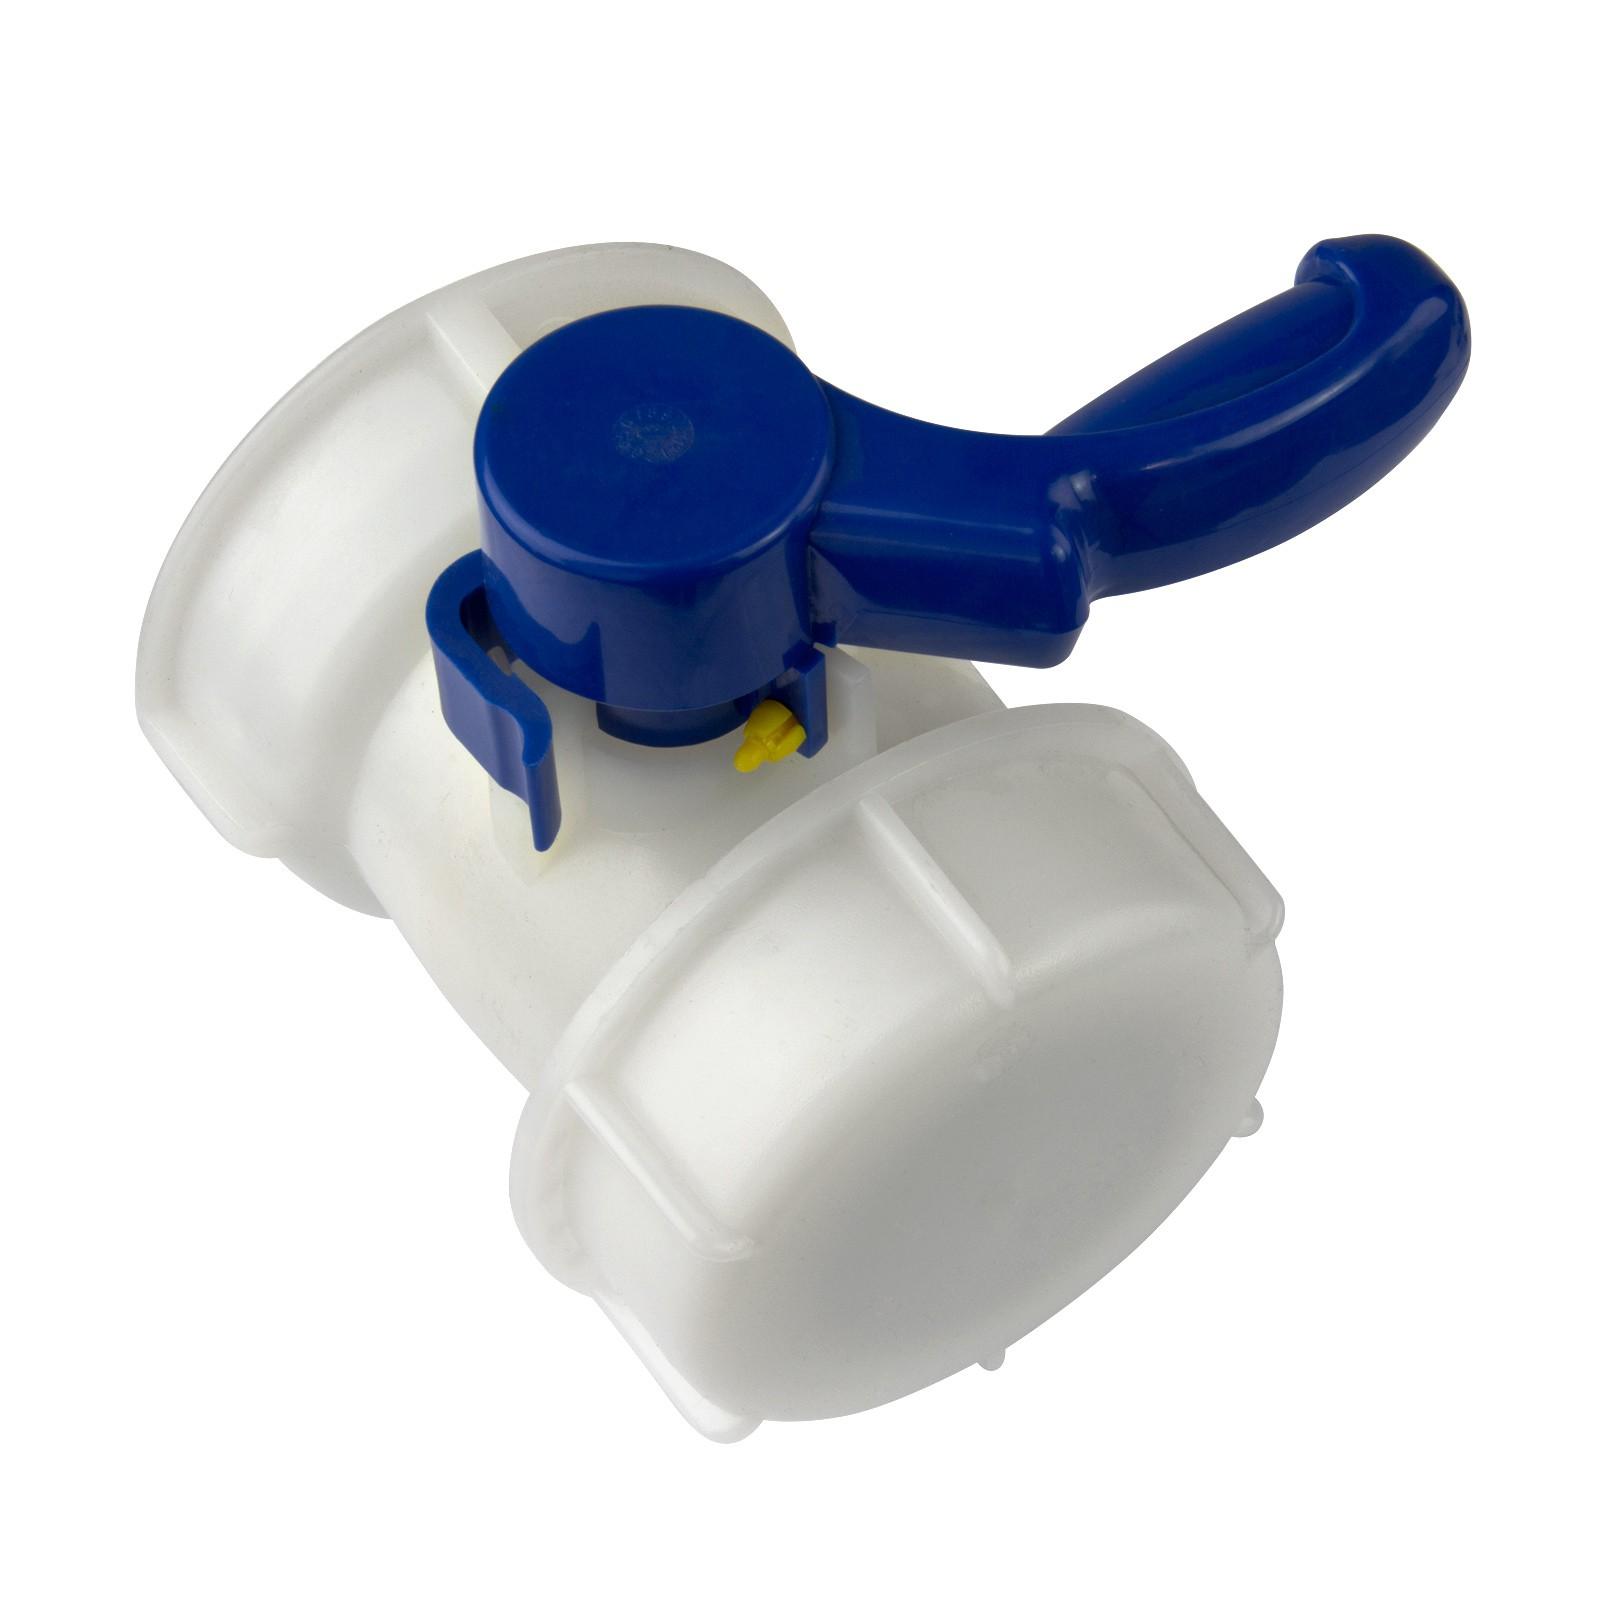 Für IBC Container Zubehör Adapter Deckel PVC Kunststoff Hahn Behälter DE